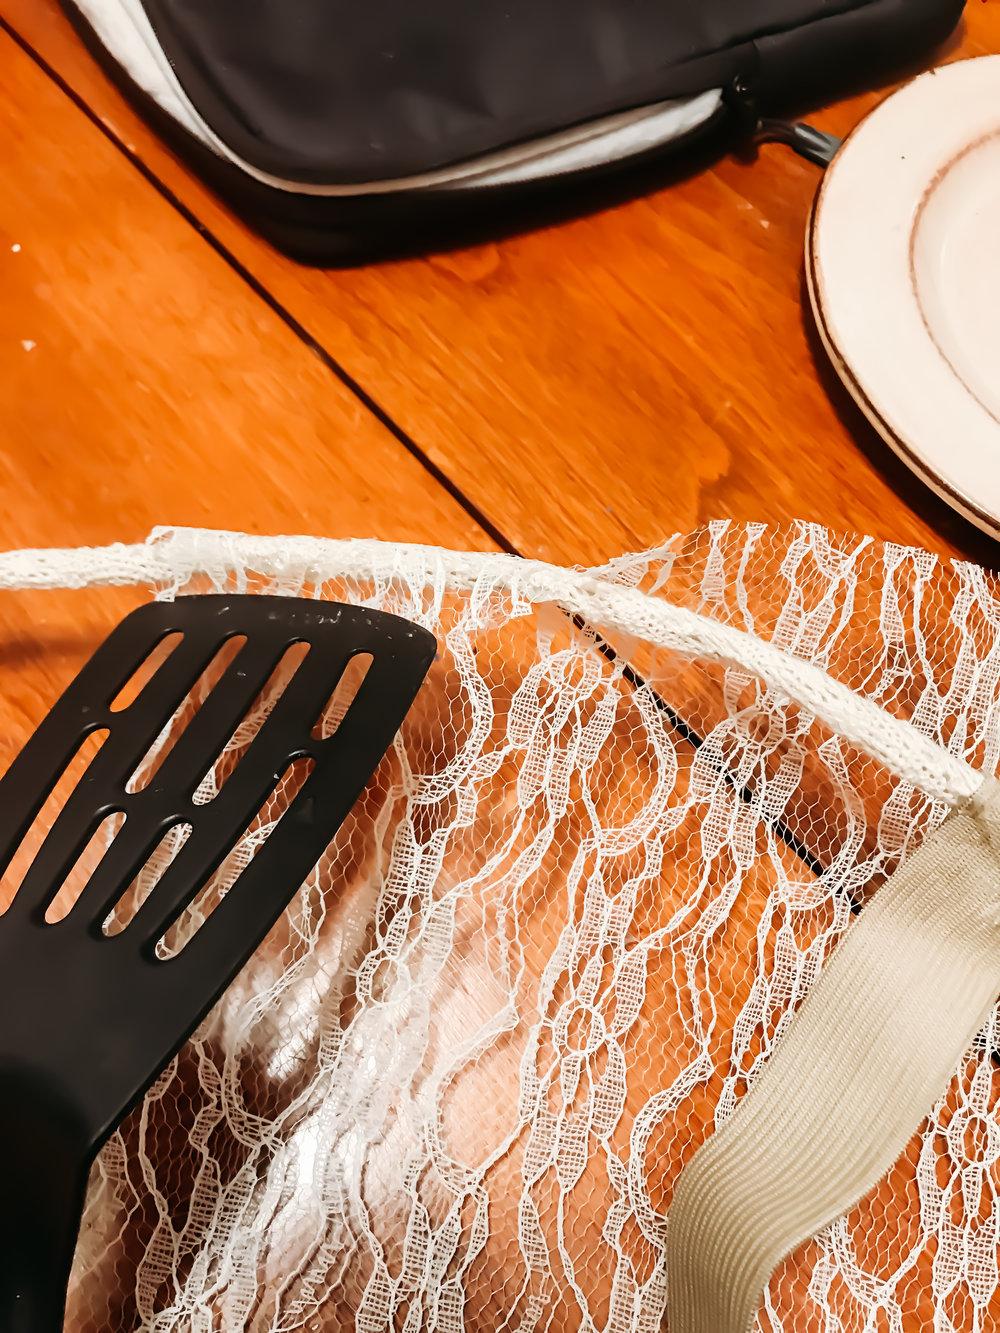 Hot glue the lace. Use a spatula